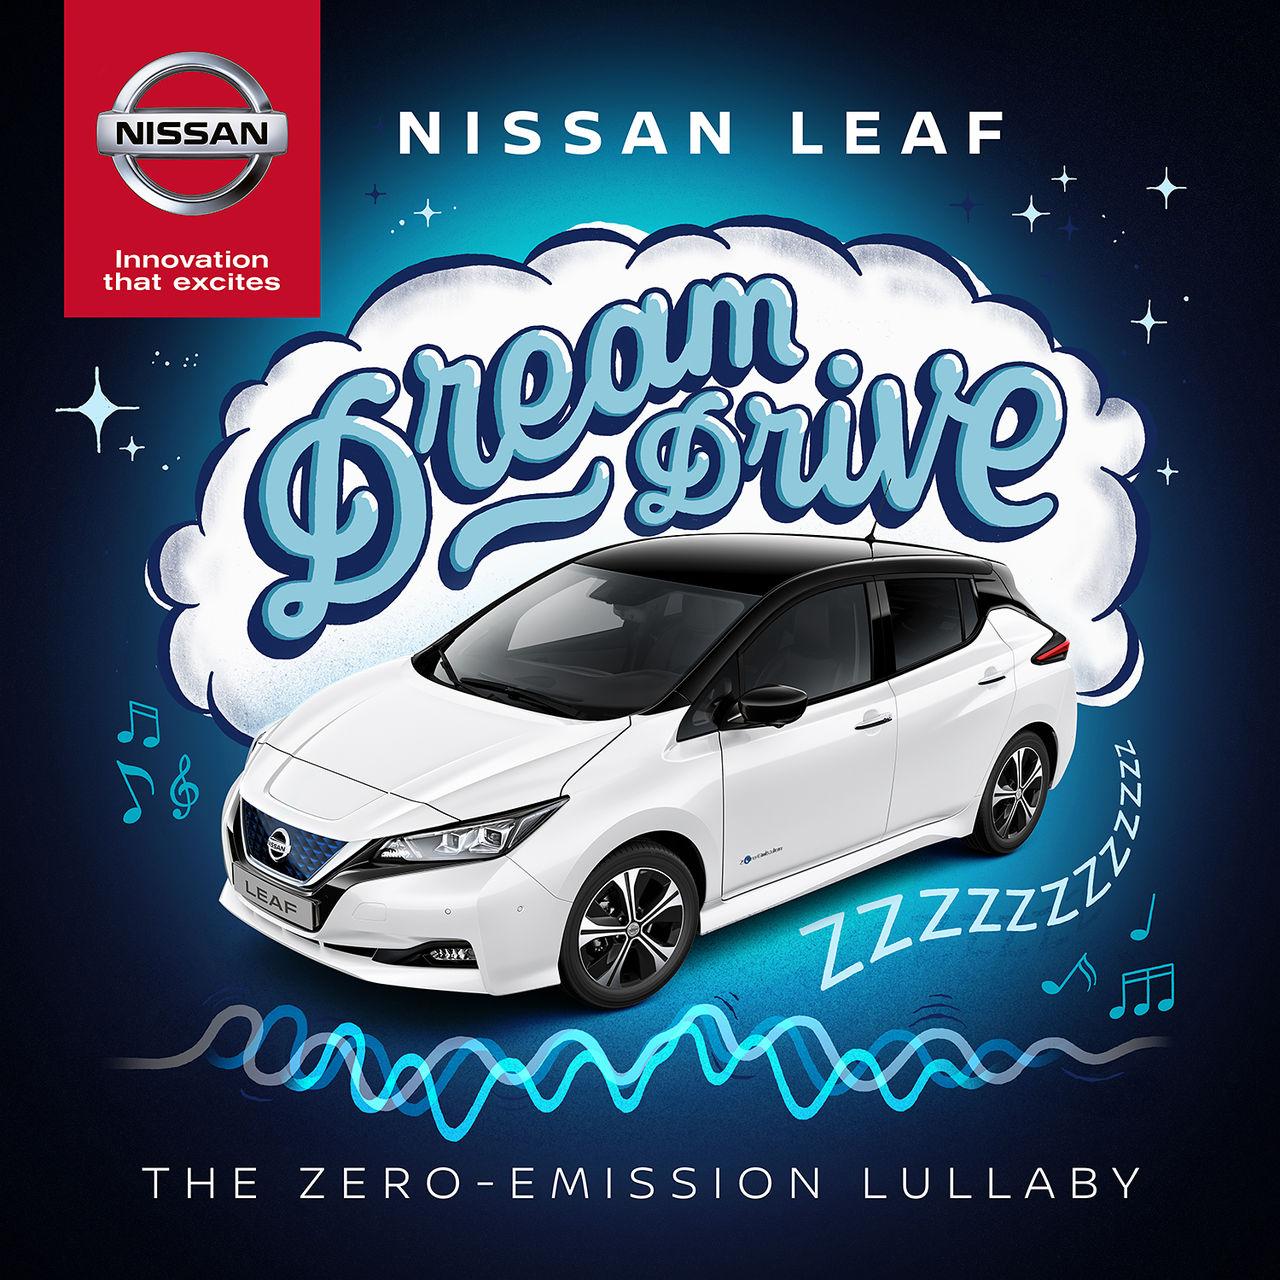 Nissan släpper vaggvisor